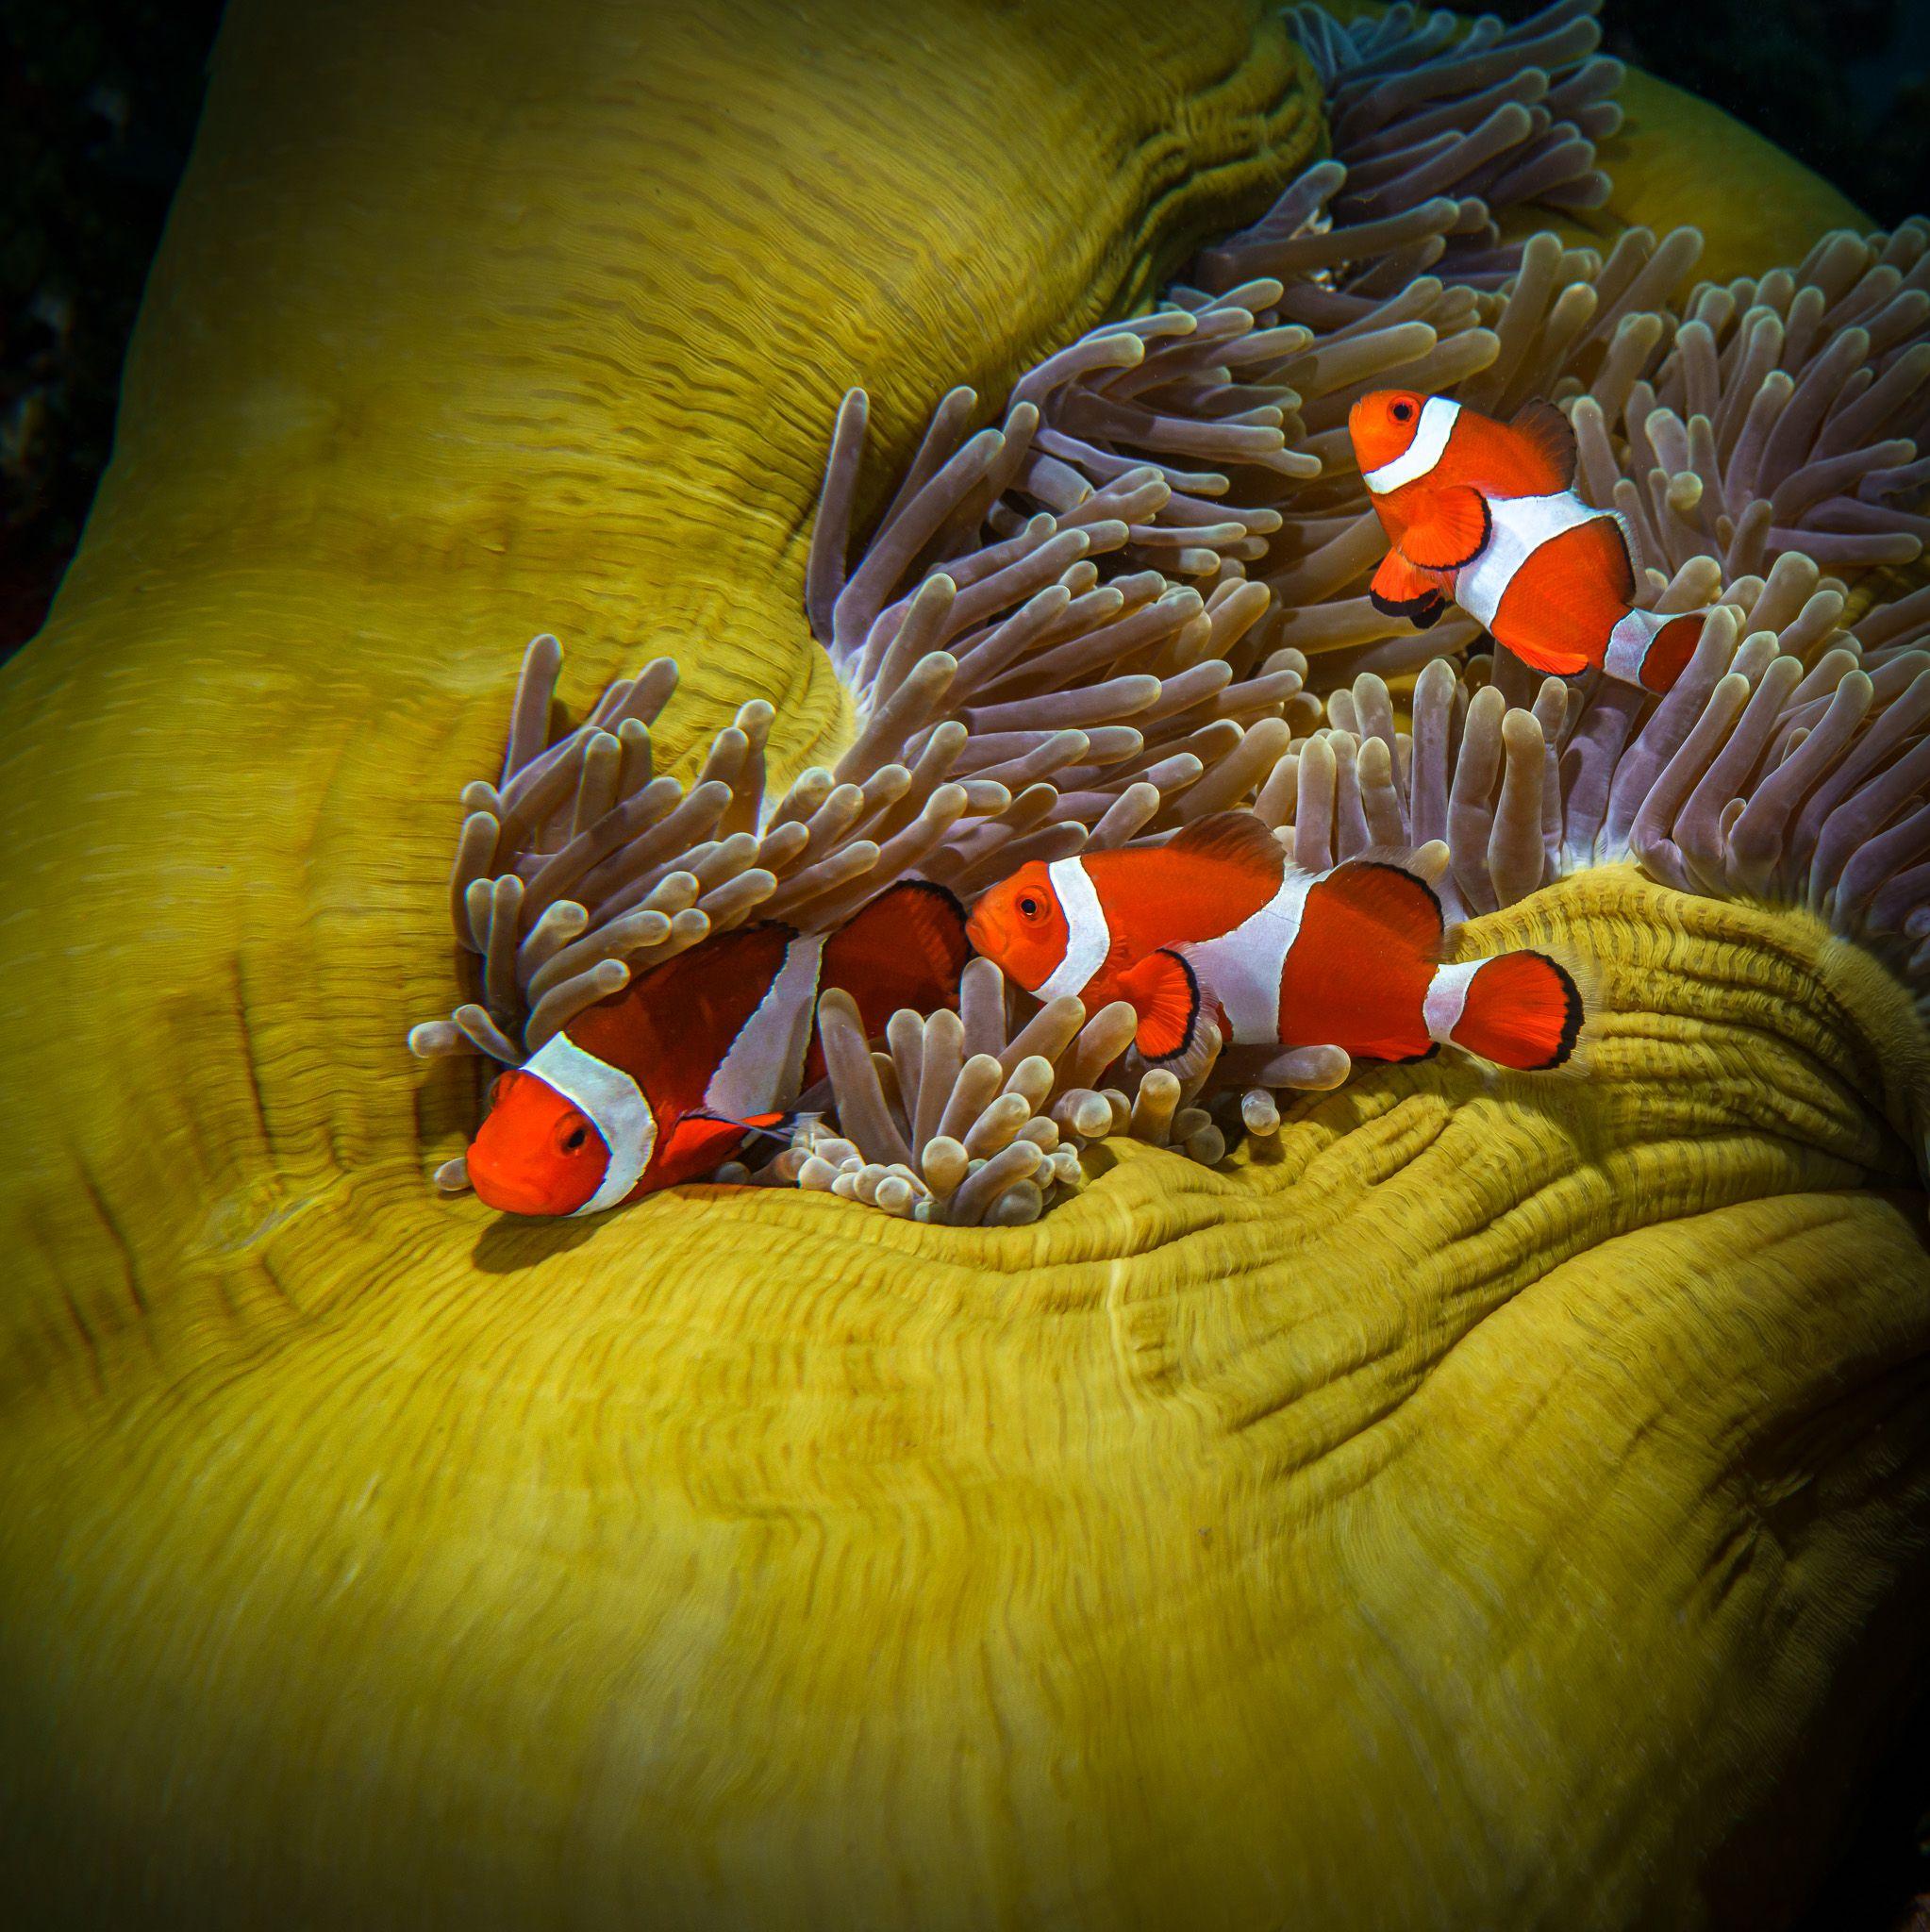 рыбы, клоун, анемон, clownfish, amphiprion, природа, море, жизнь, океан, дайвинг, симбиоз, животное, макро, немо, яркий, плывут, подводное, underwater, под водой, scuba, Савин Андрей